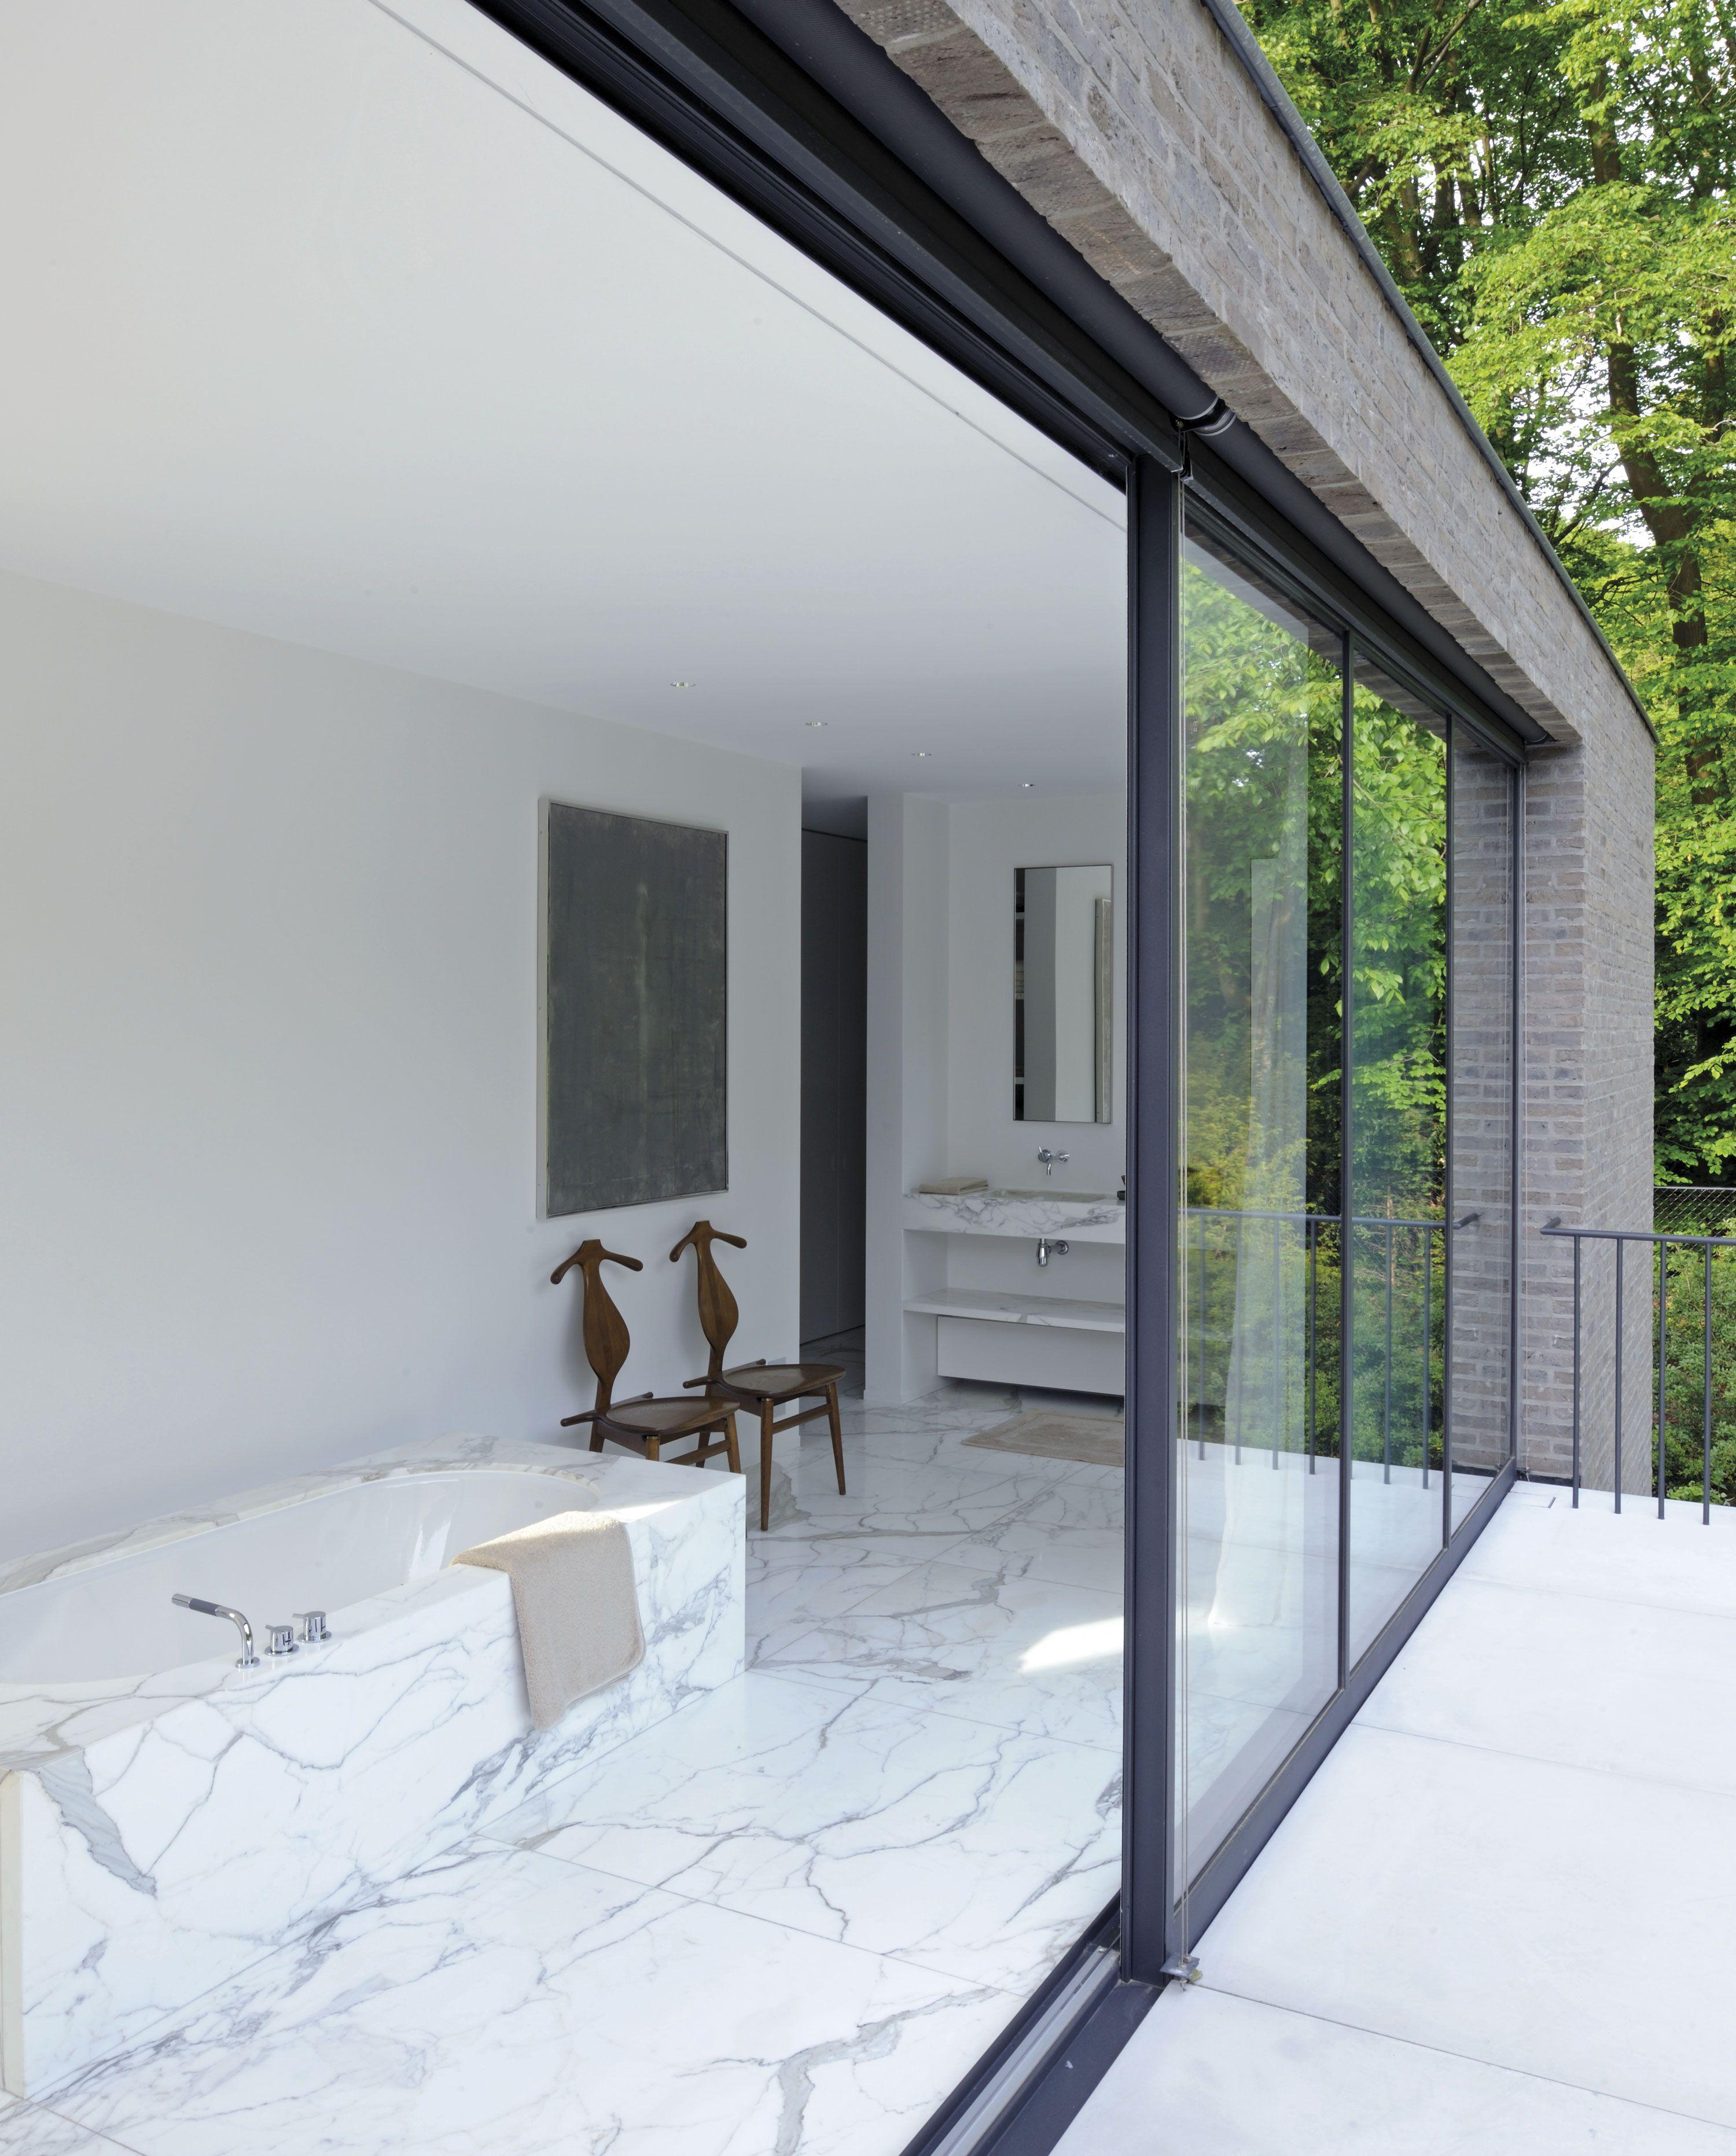 jv n55 la salle de bain nappe de marbre calacatta pos avec un - Valet De Salle De Bain